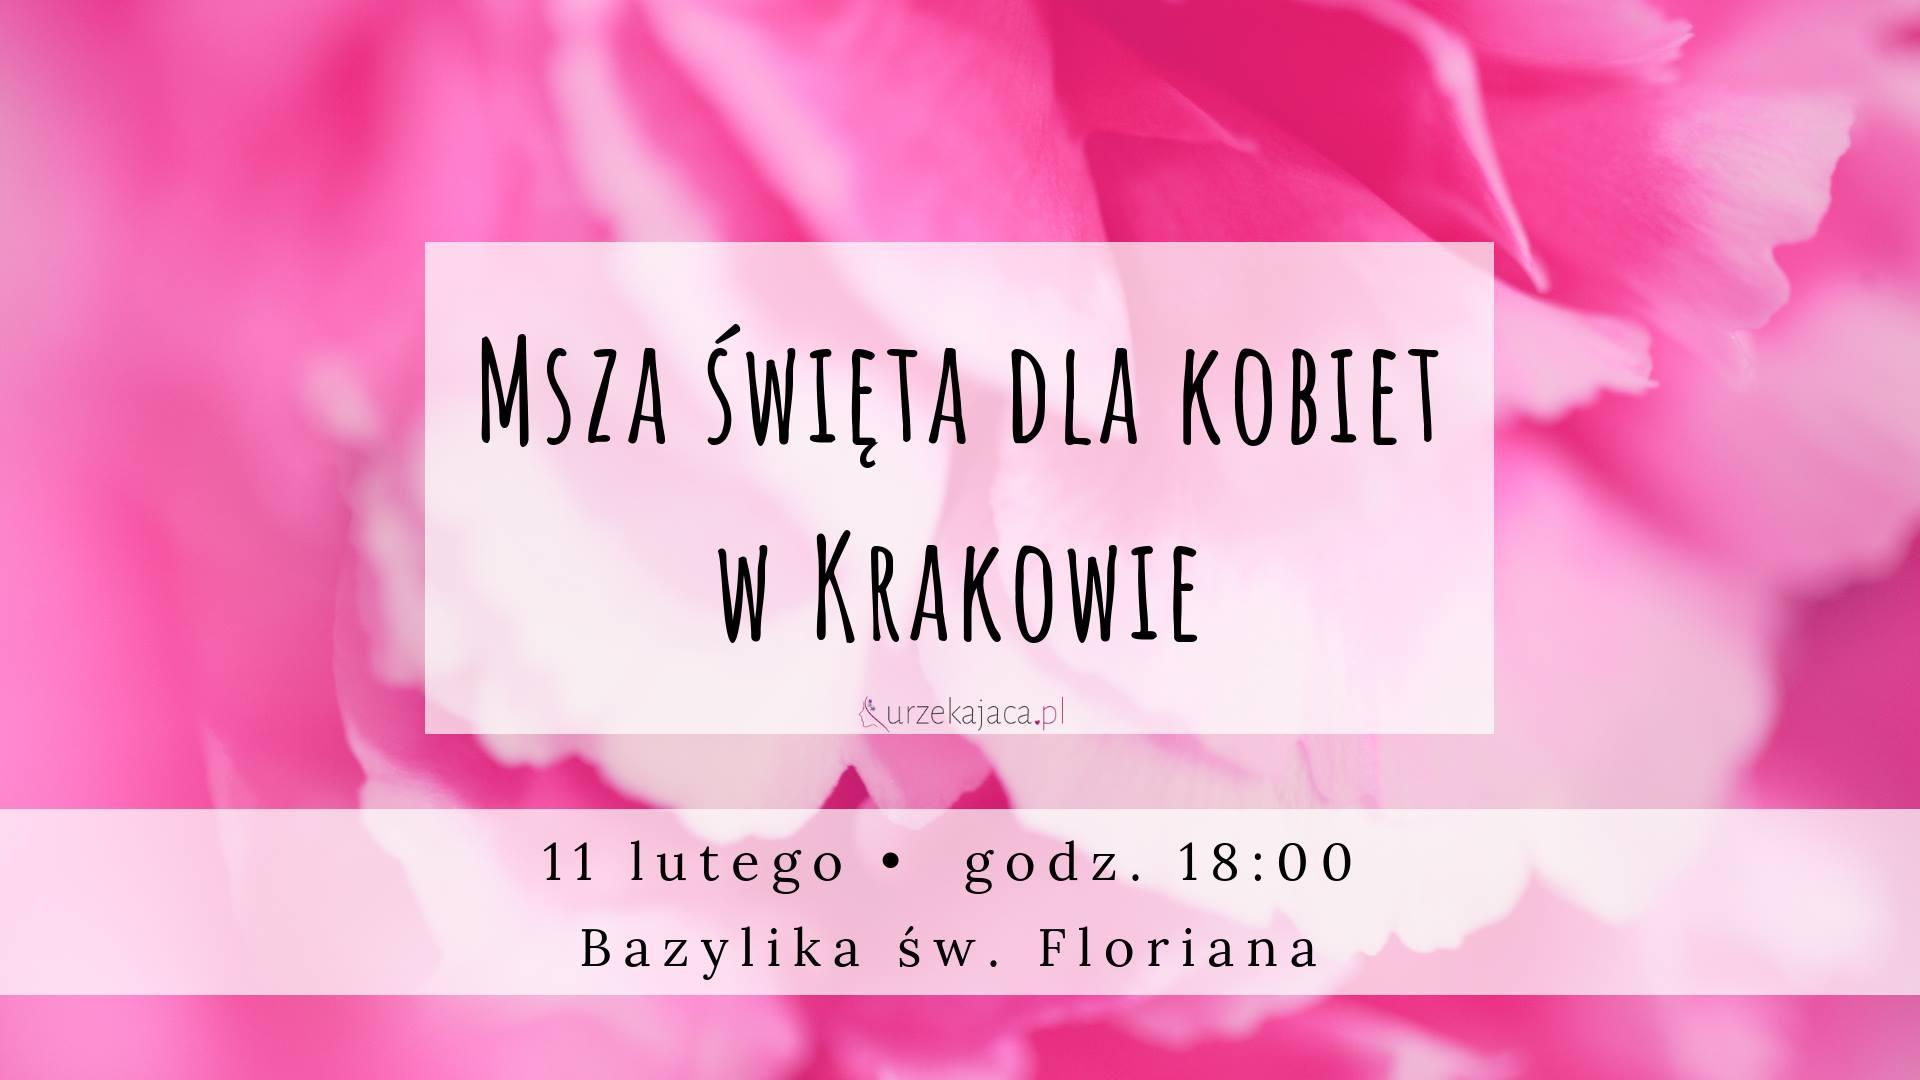 Msza św. dla kobiet w Krakowie